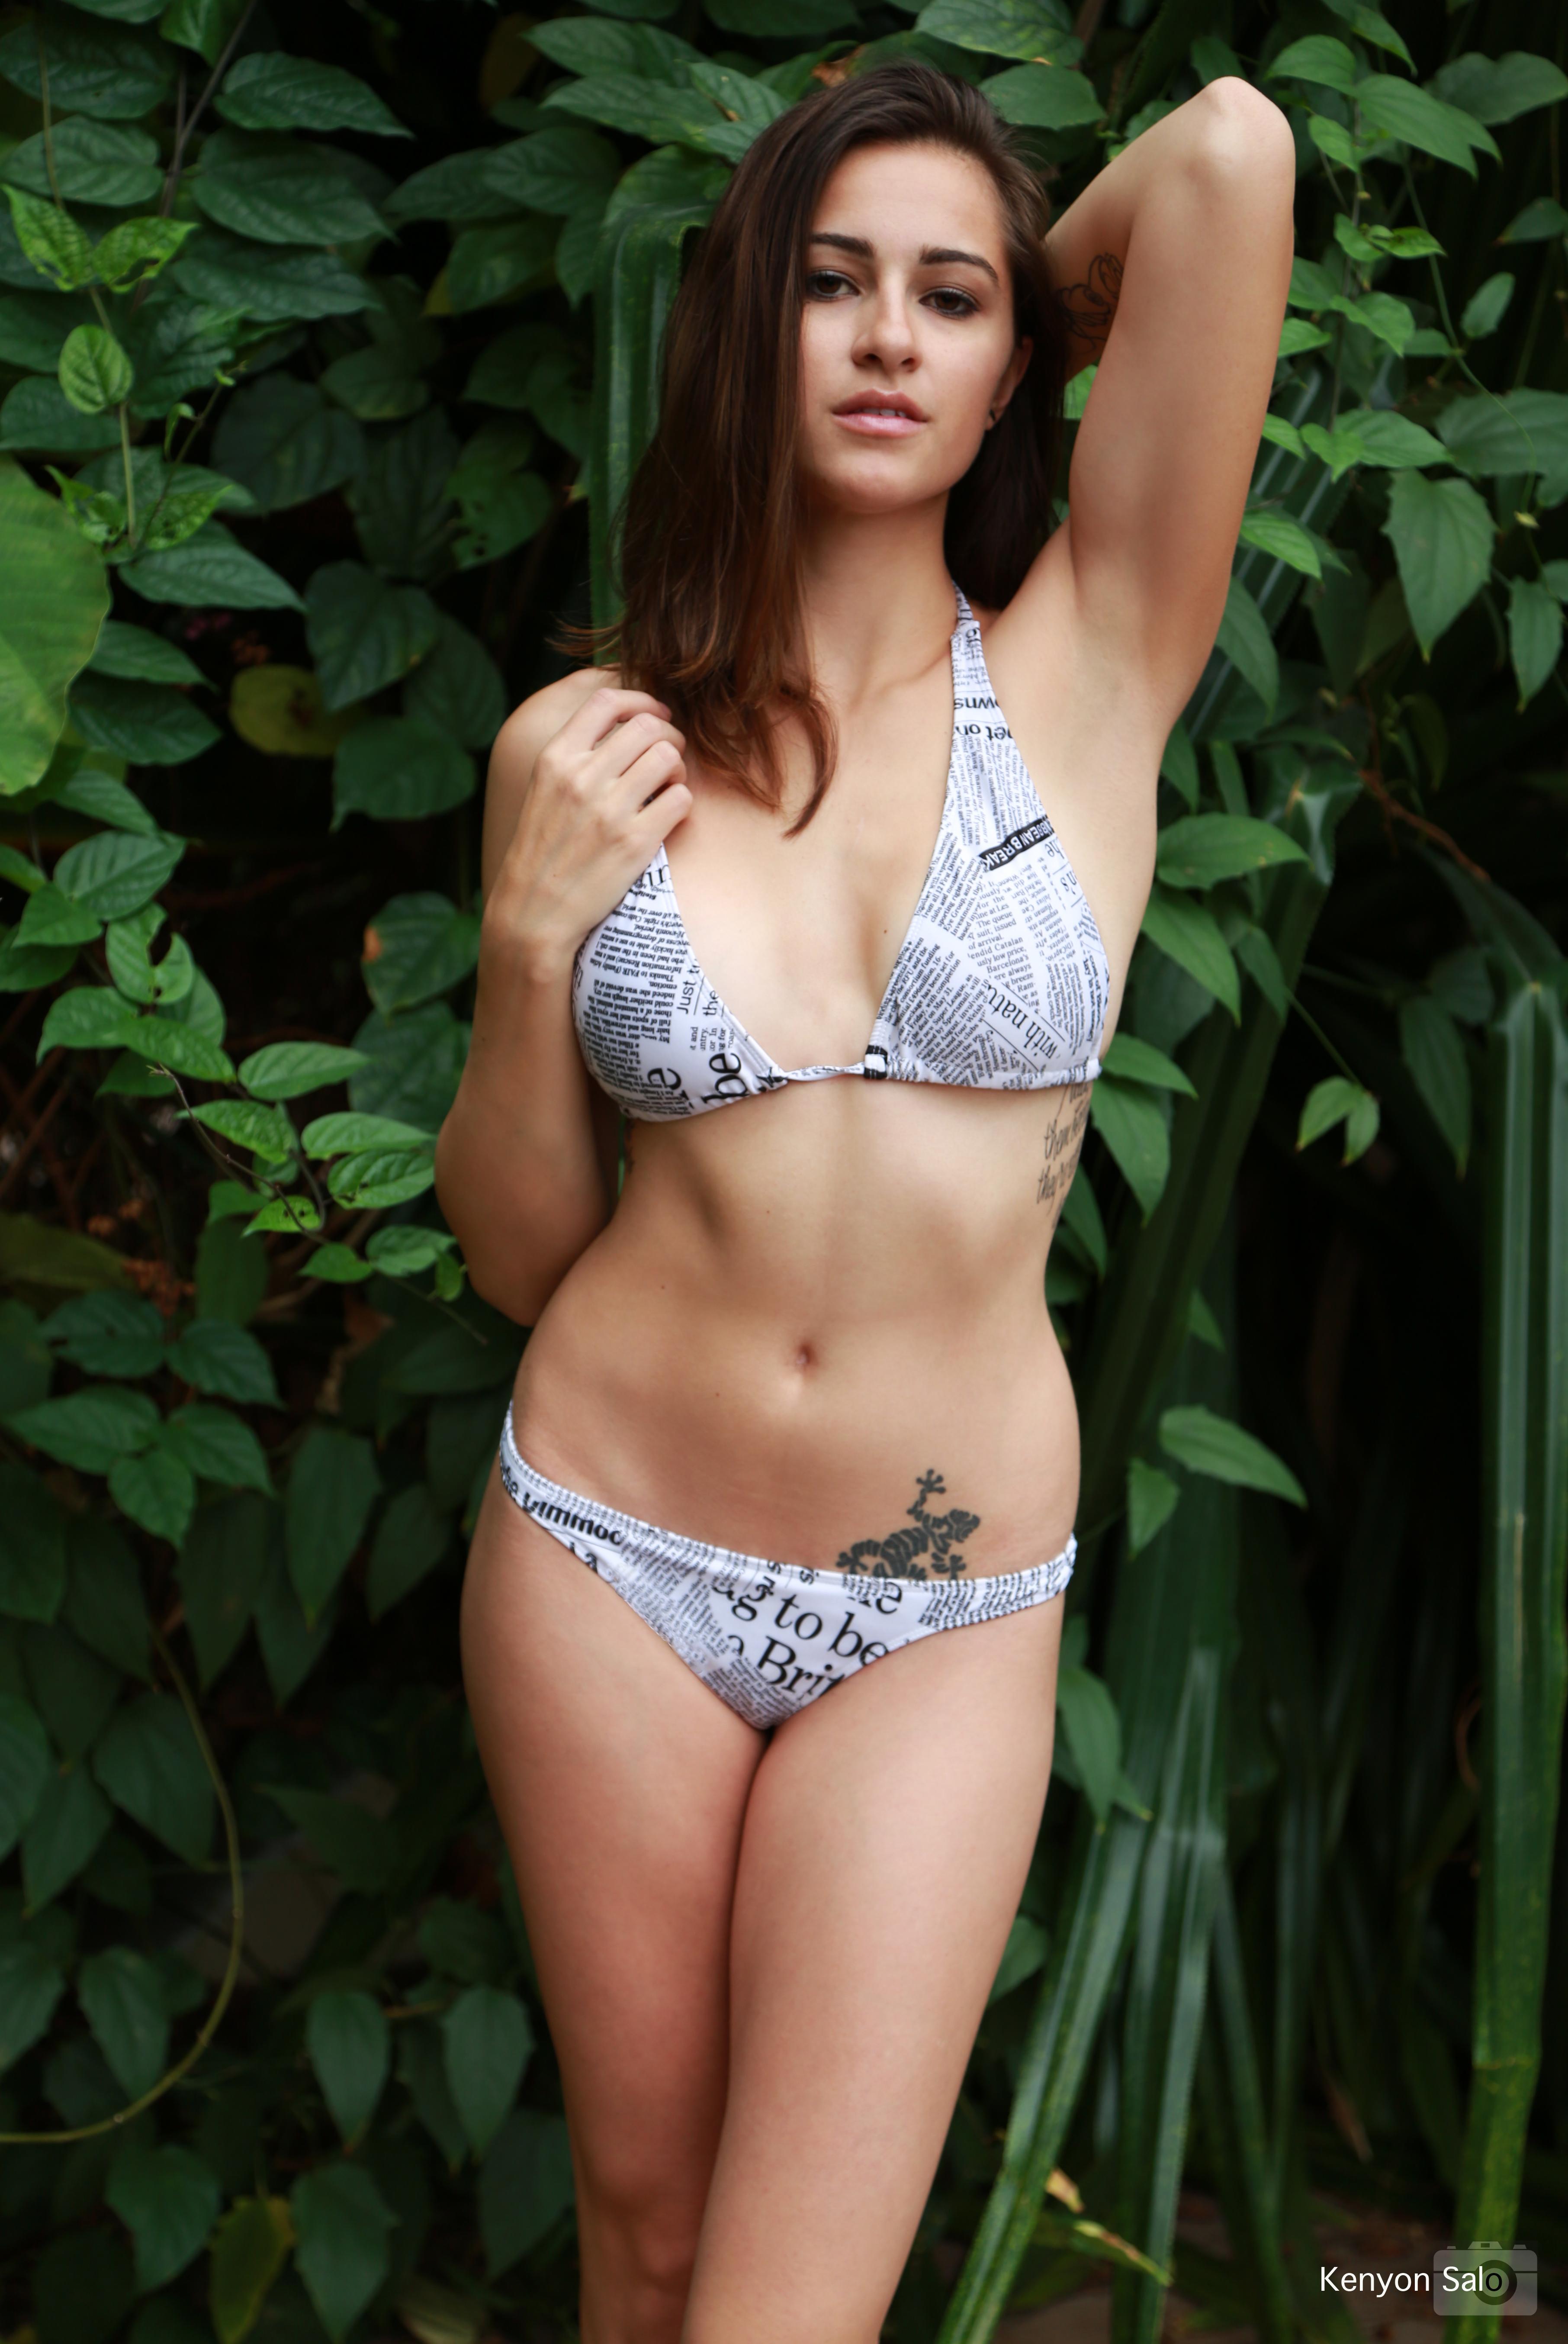 Girl In Bikini Picture